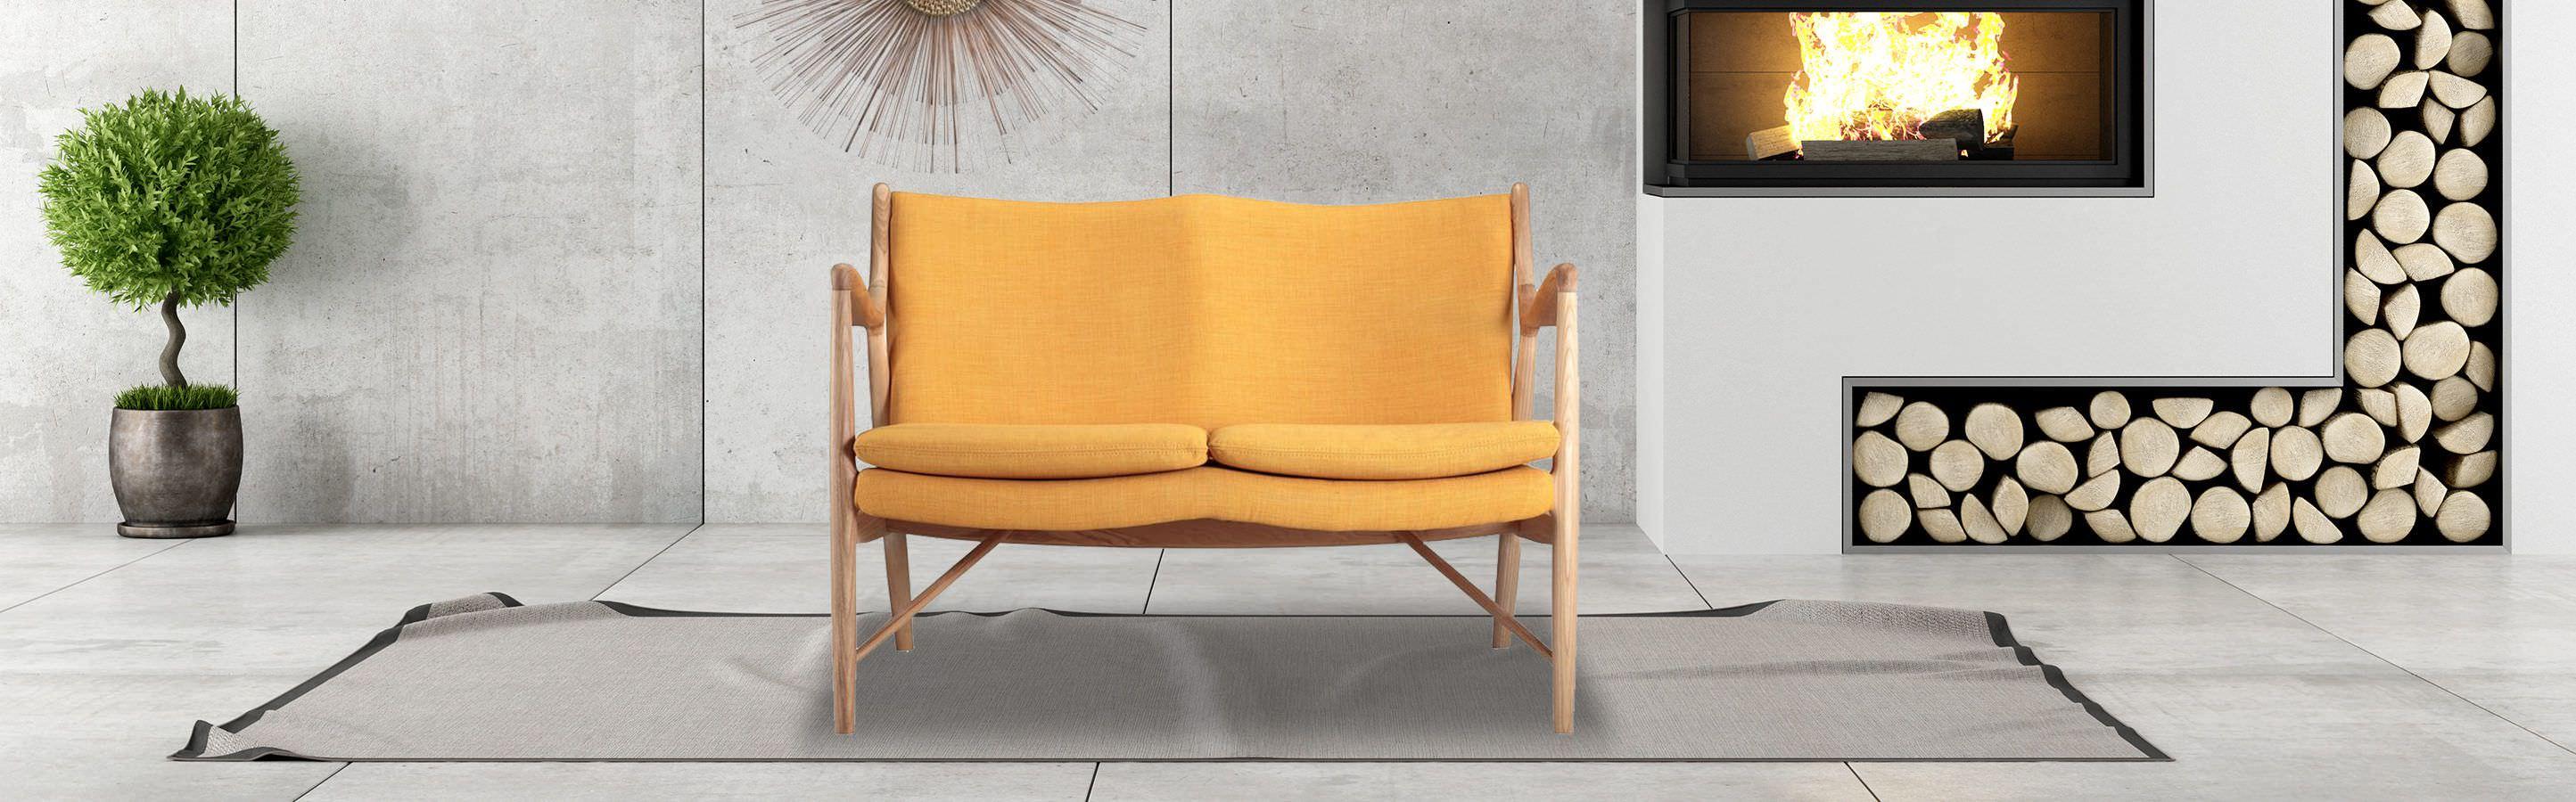 Sofas - 2 Seater Sofas - Copenhagen \'45 2 Seat - Kardiel